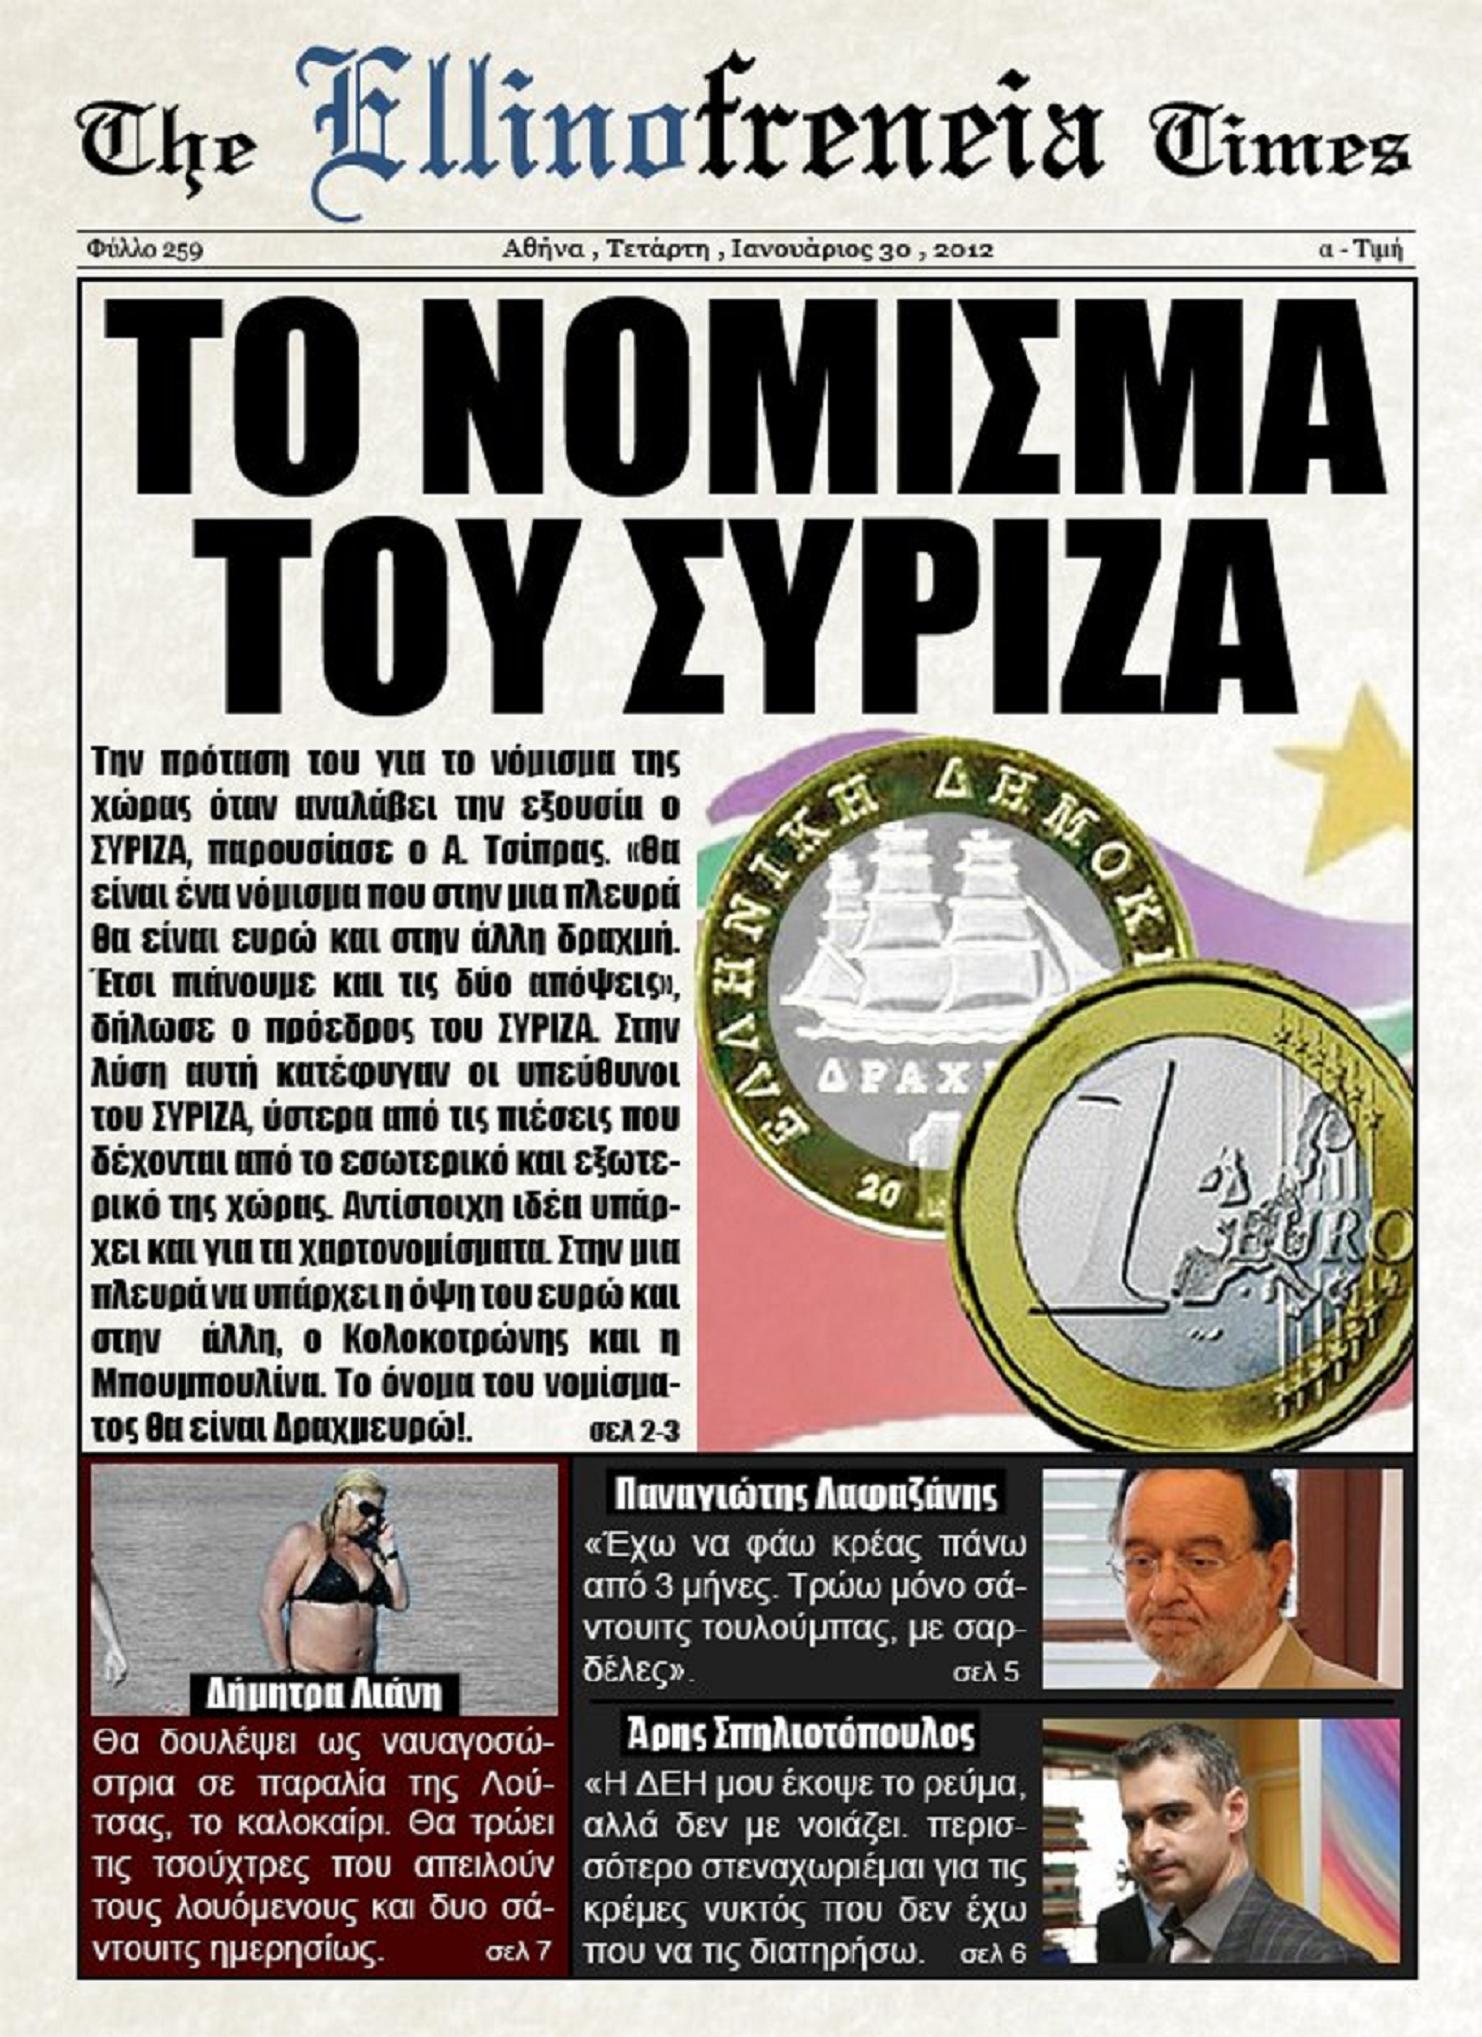 Τὸ νόμισμα ποὺ προτείνει ὁ τΣΥΡΙΖΑ!!!